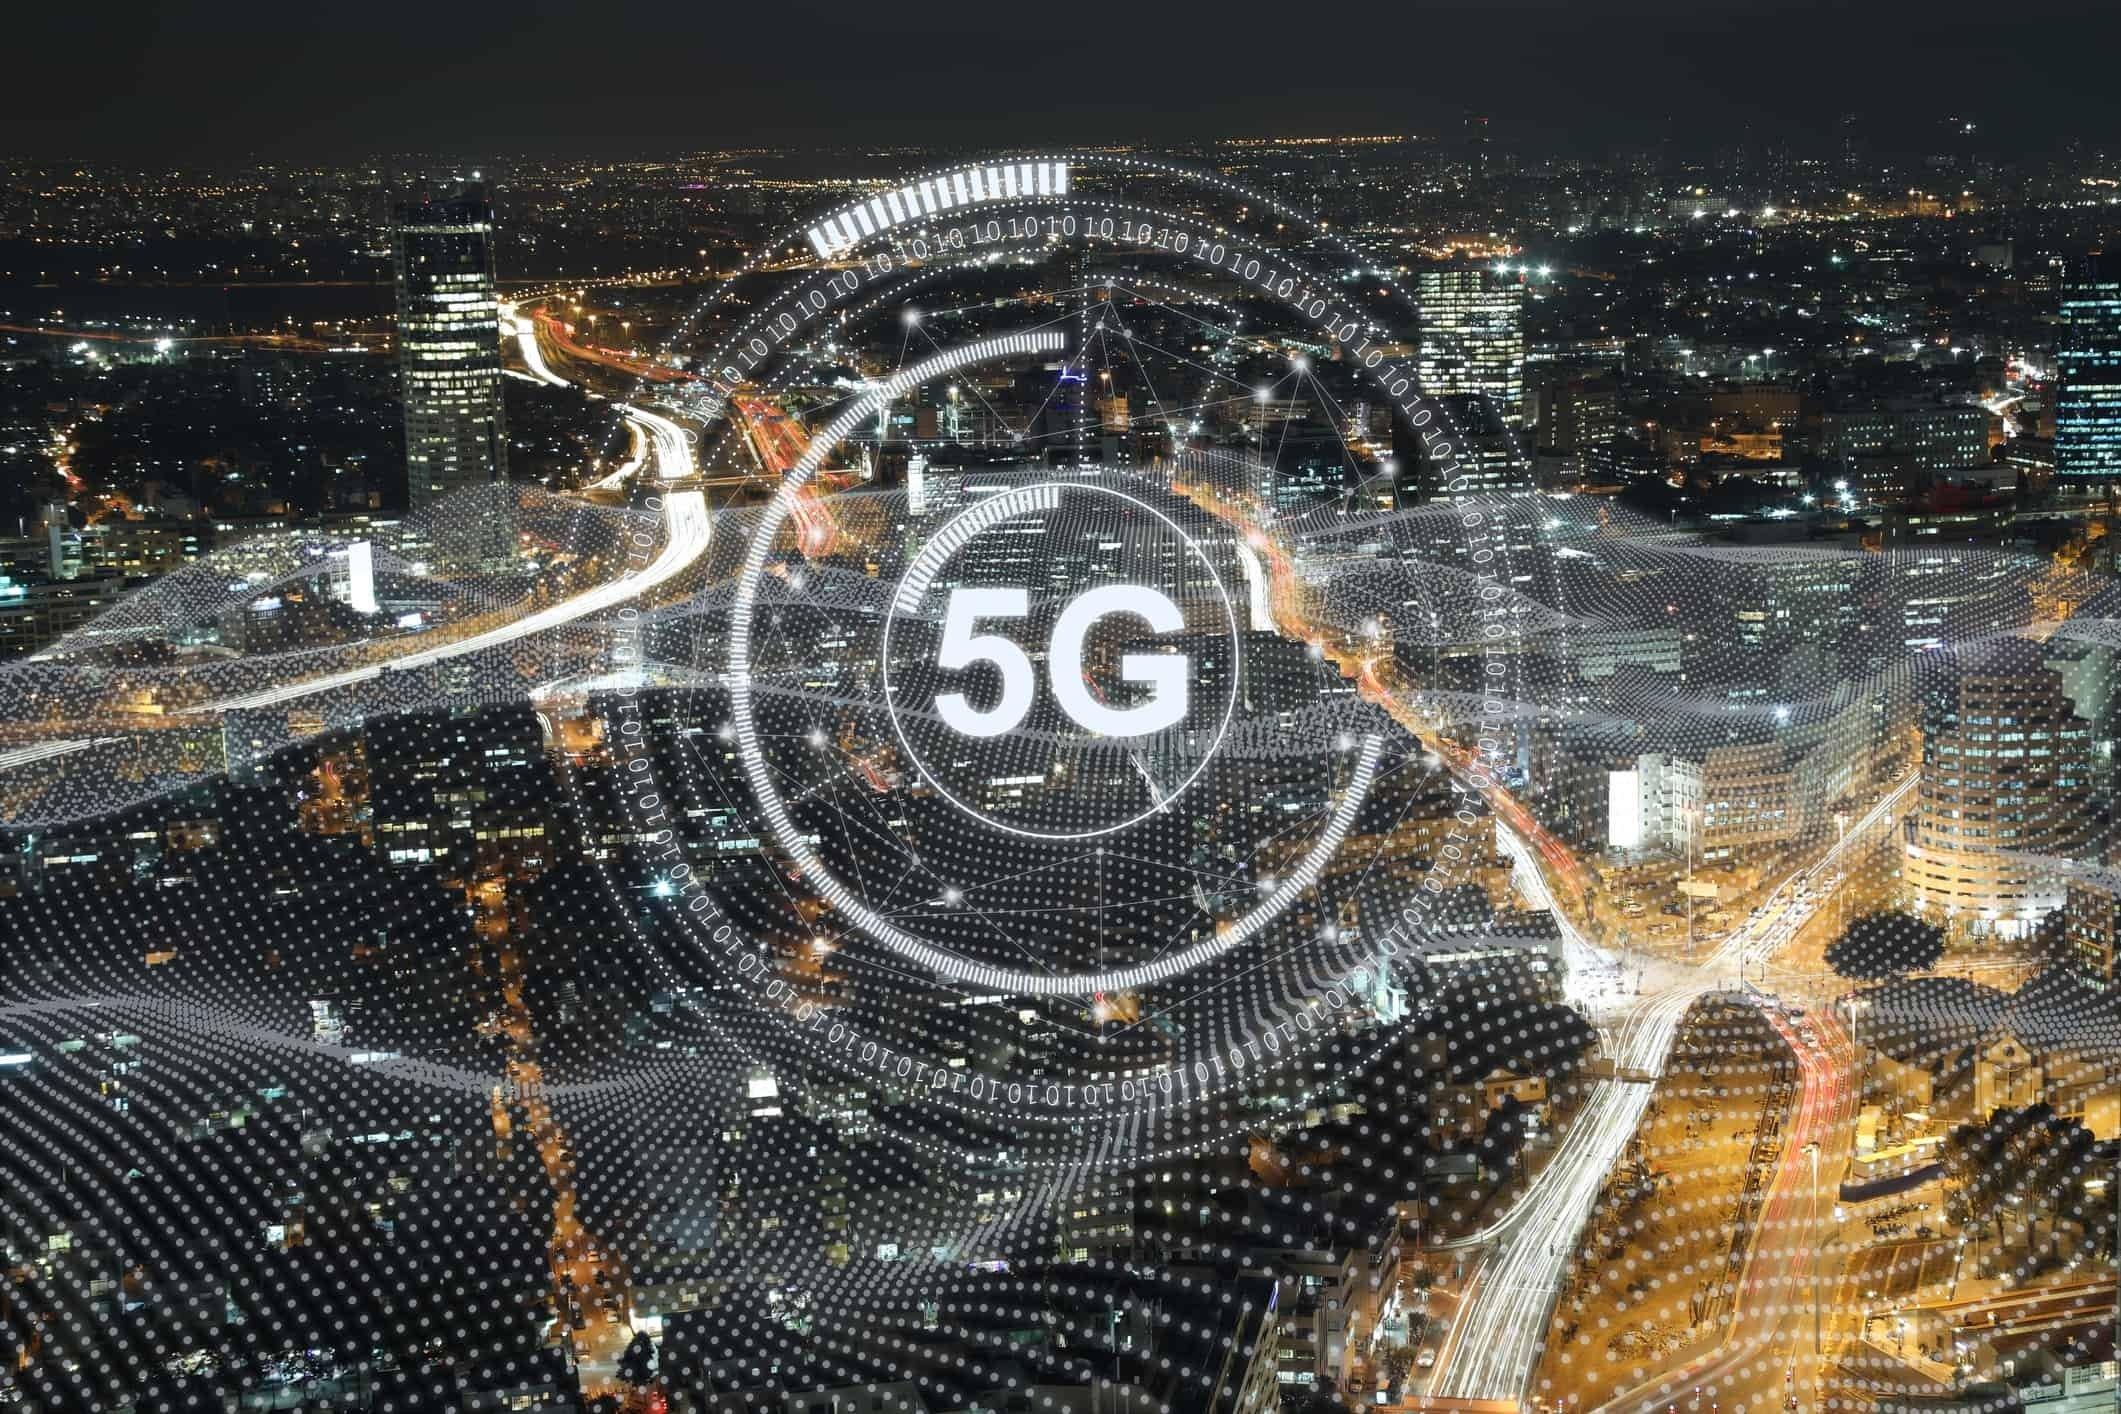 redes 5G sobre uma cidade